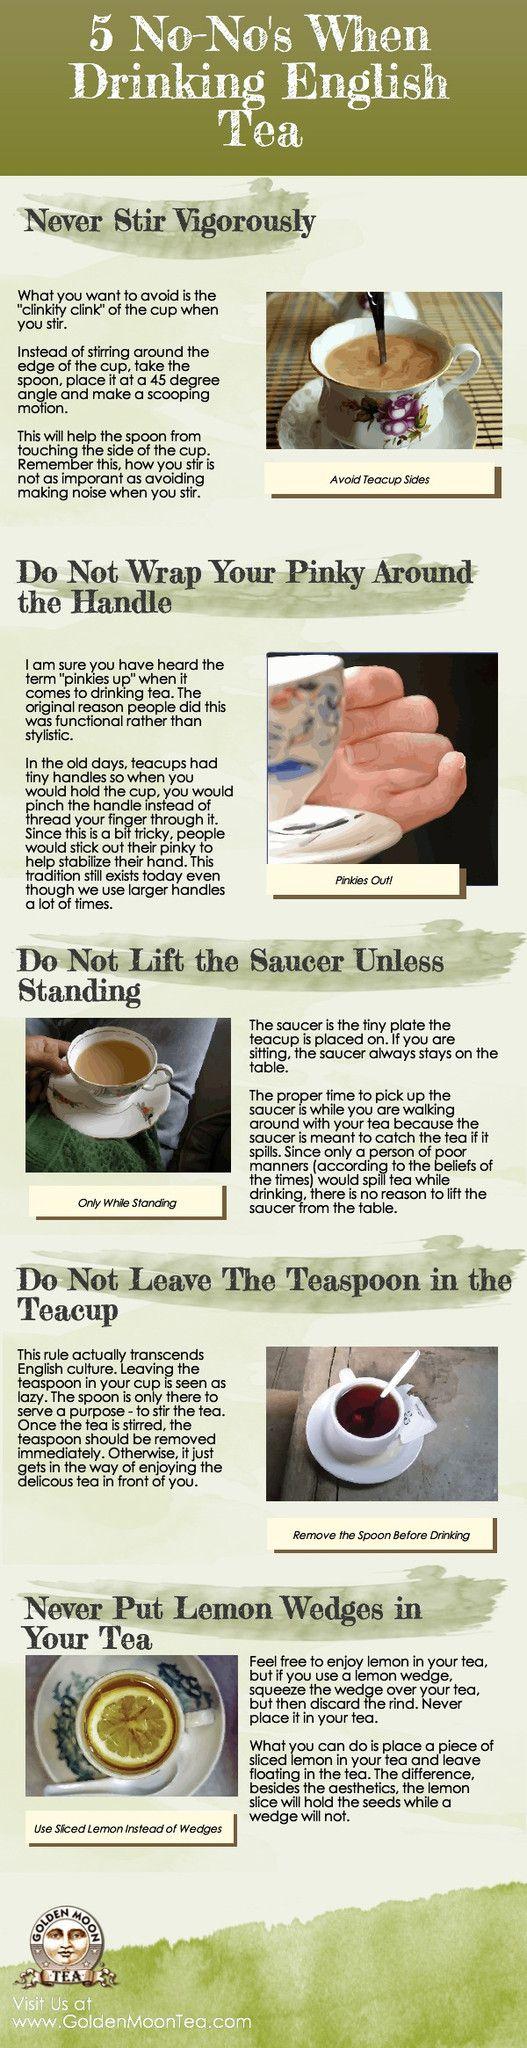 5 No-No's When Drinking English Tea